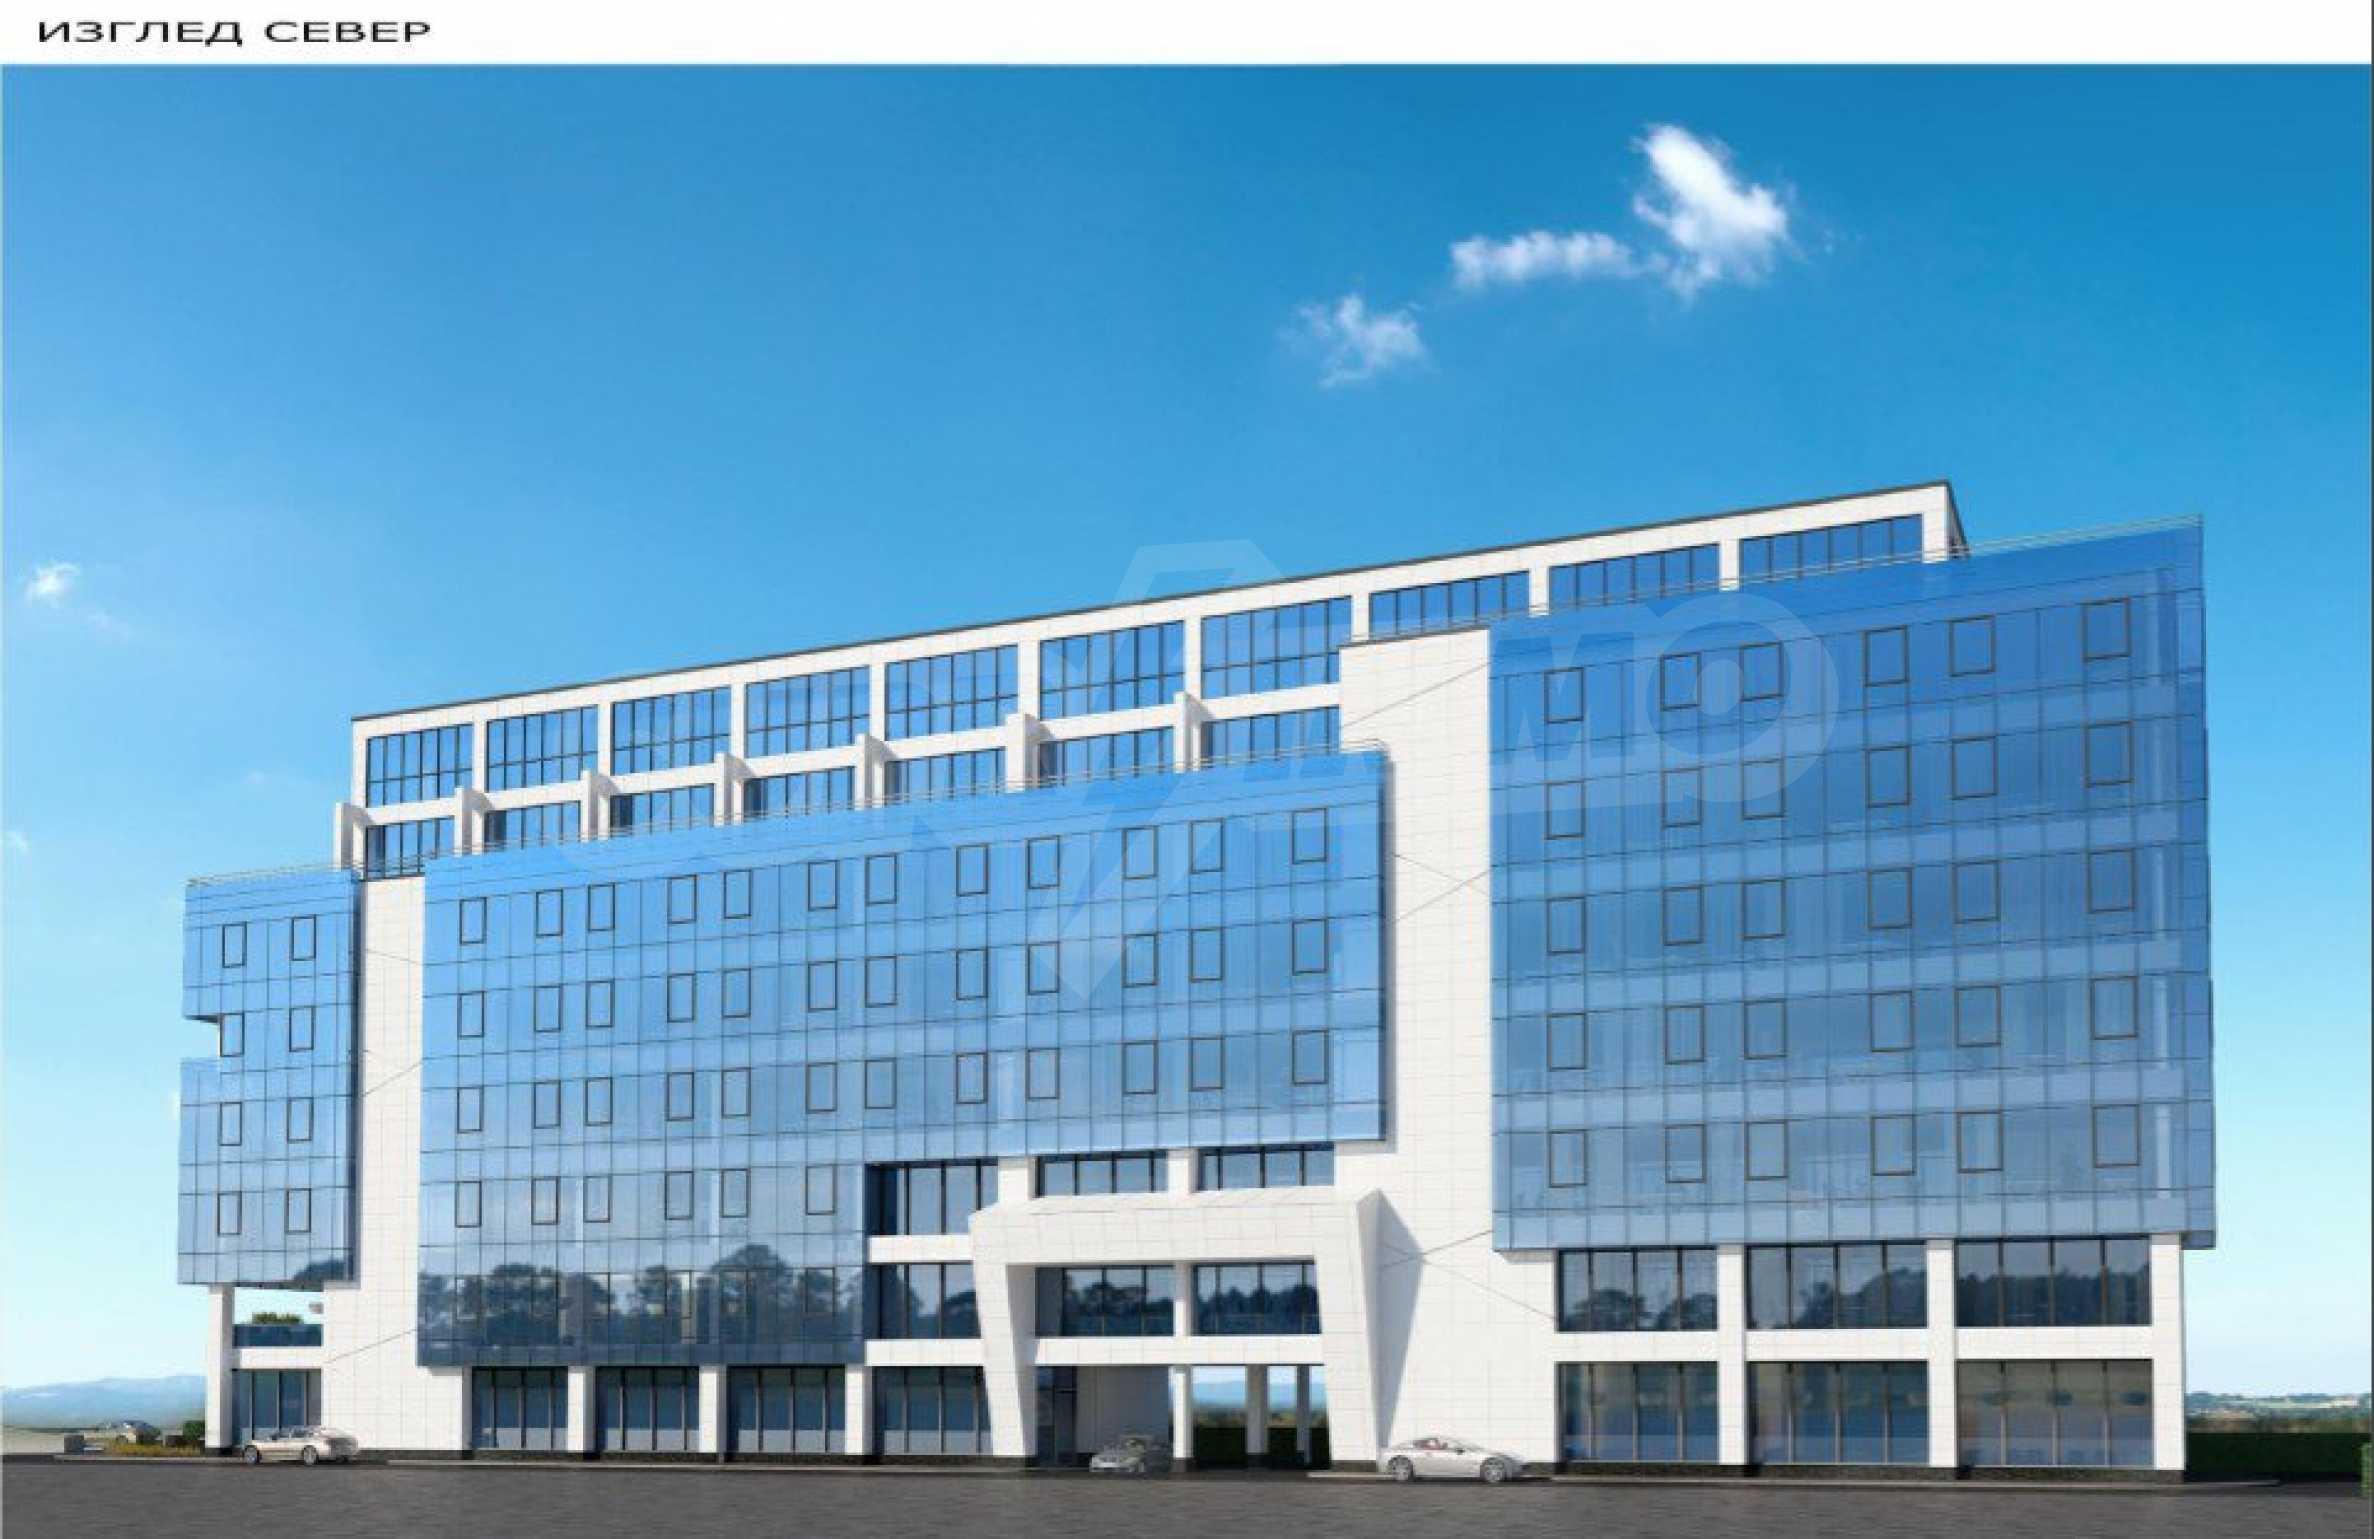 Парцел с проект за офисна сграда в София 6